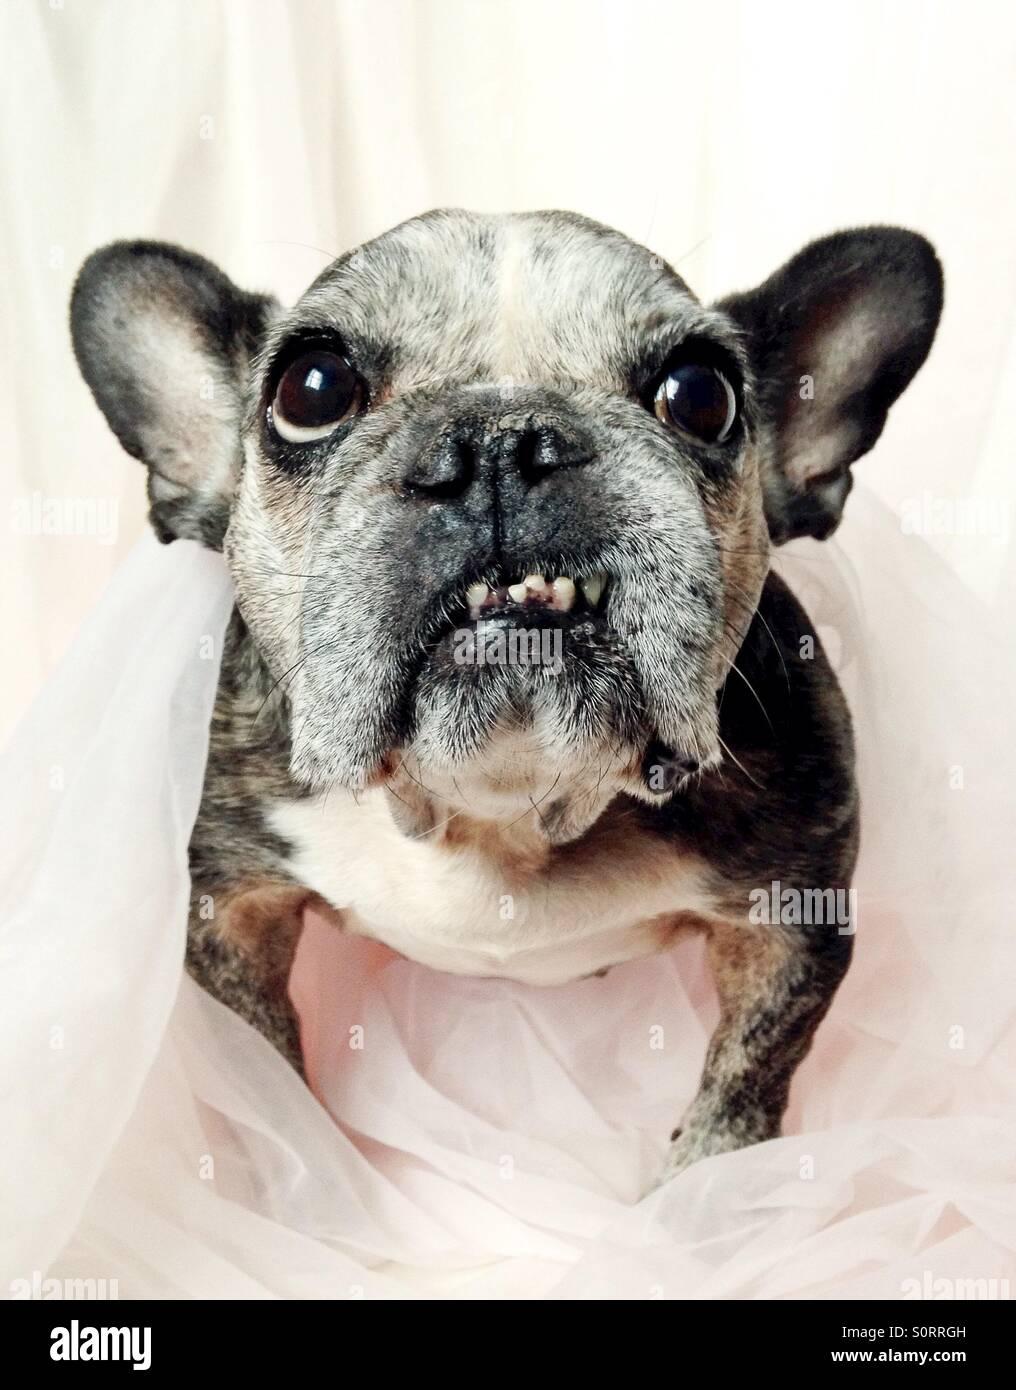 Un close-up di un simpatico vecchio bulldog francese. Immagini Stock